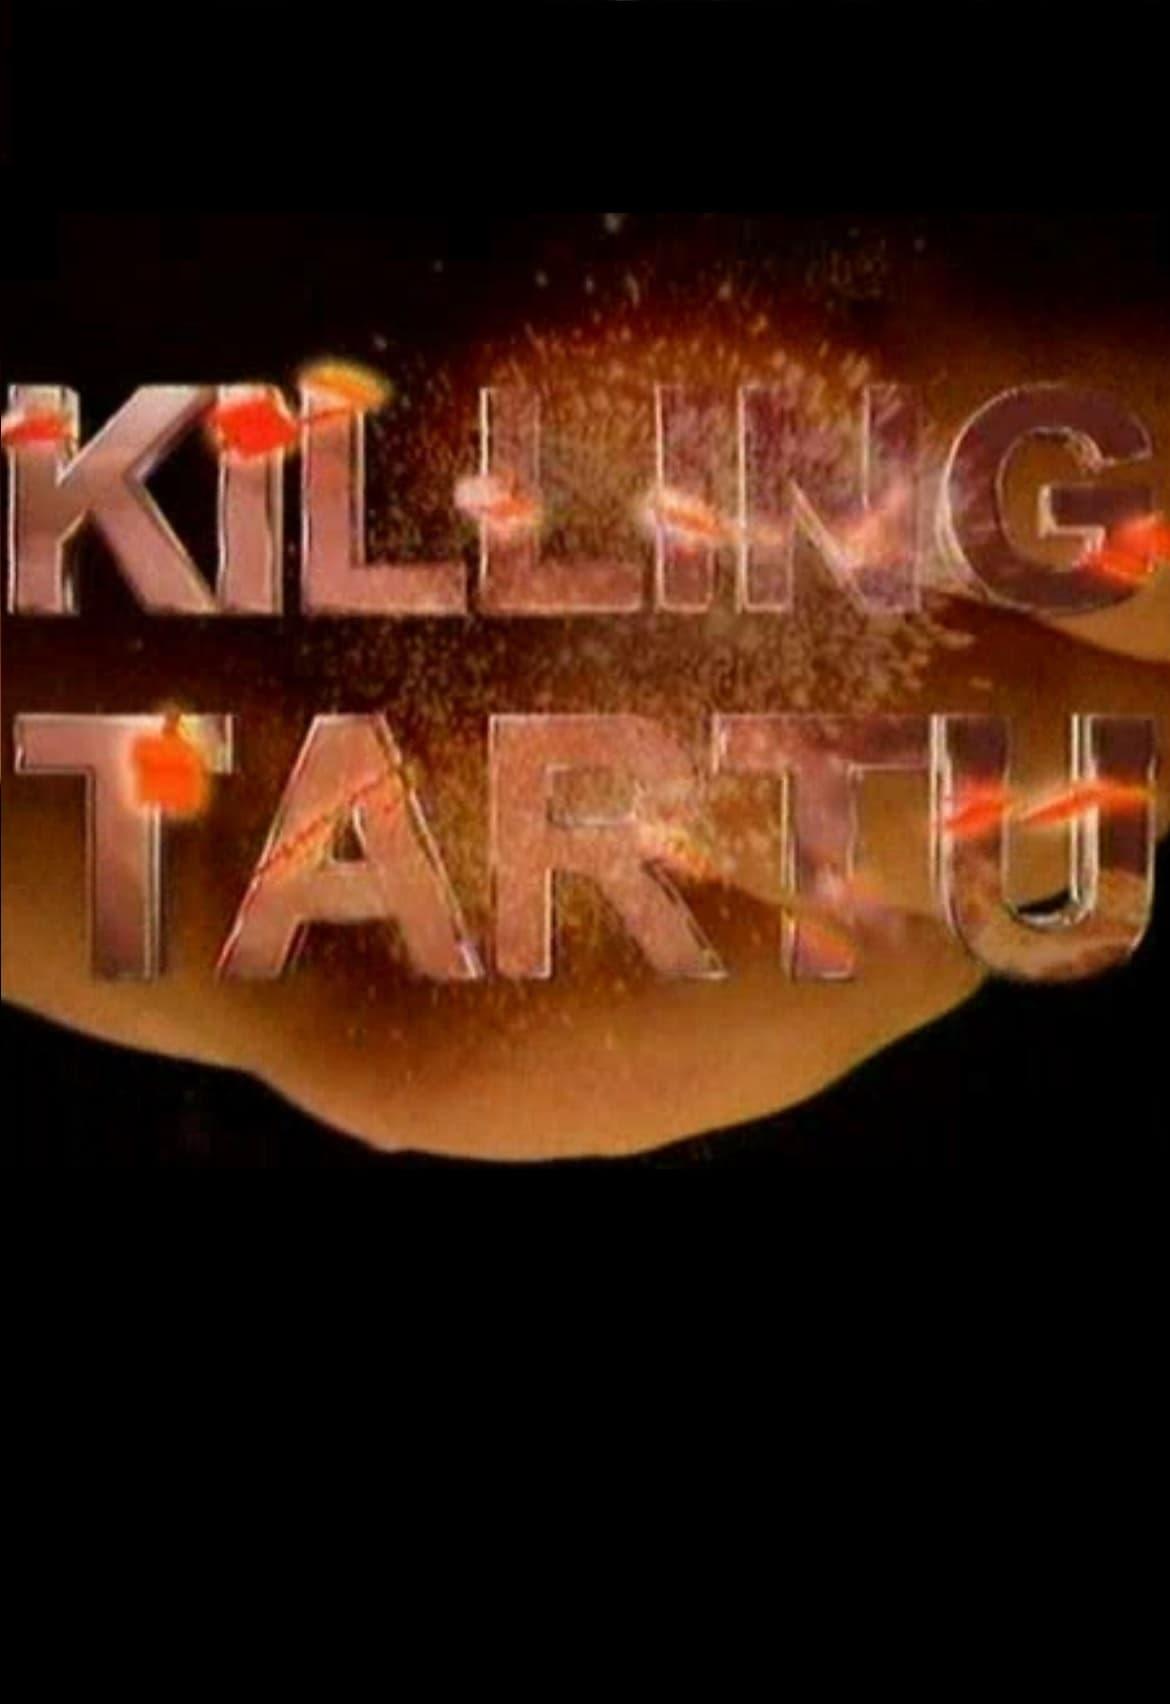 Killing Tartu